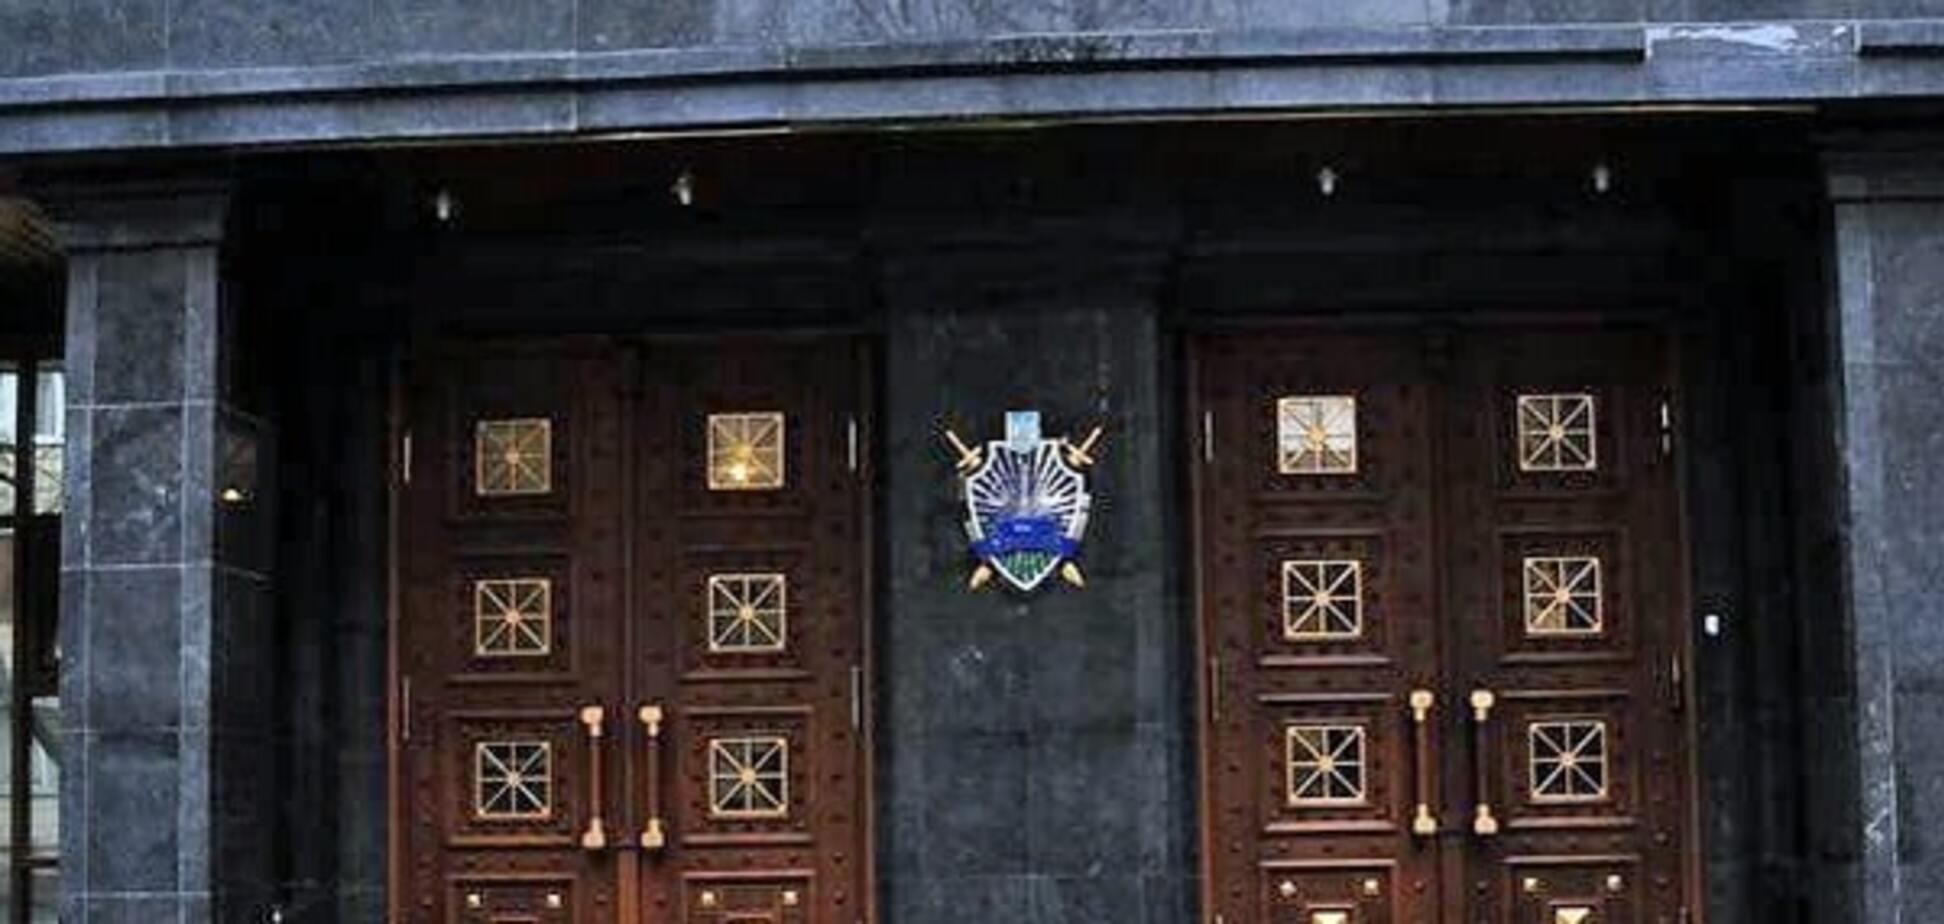 Перший прецедент: Україна очікує екстрадиції злочинця з Великобританії